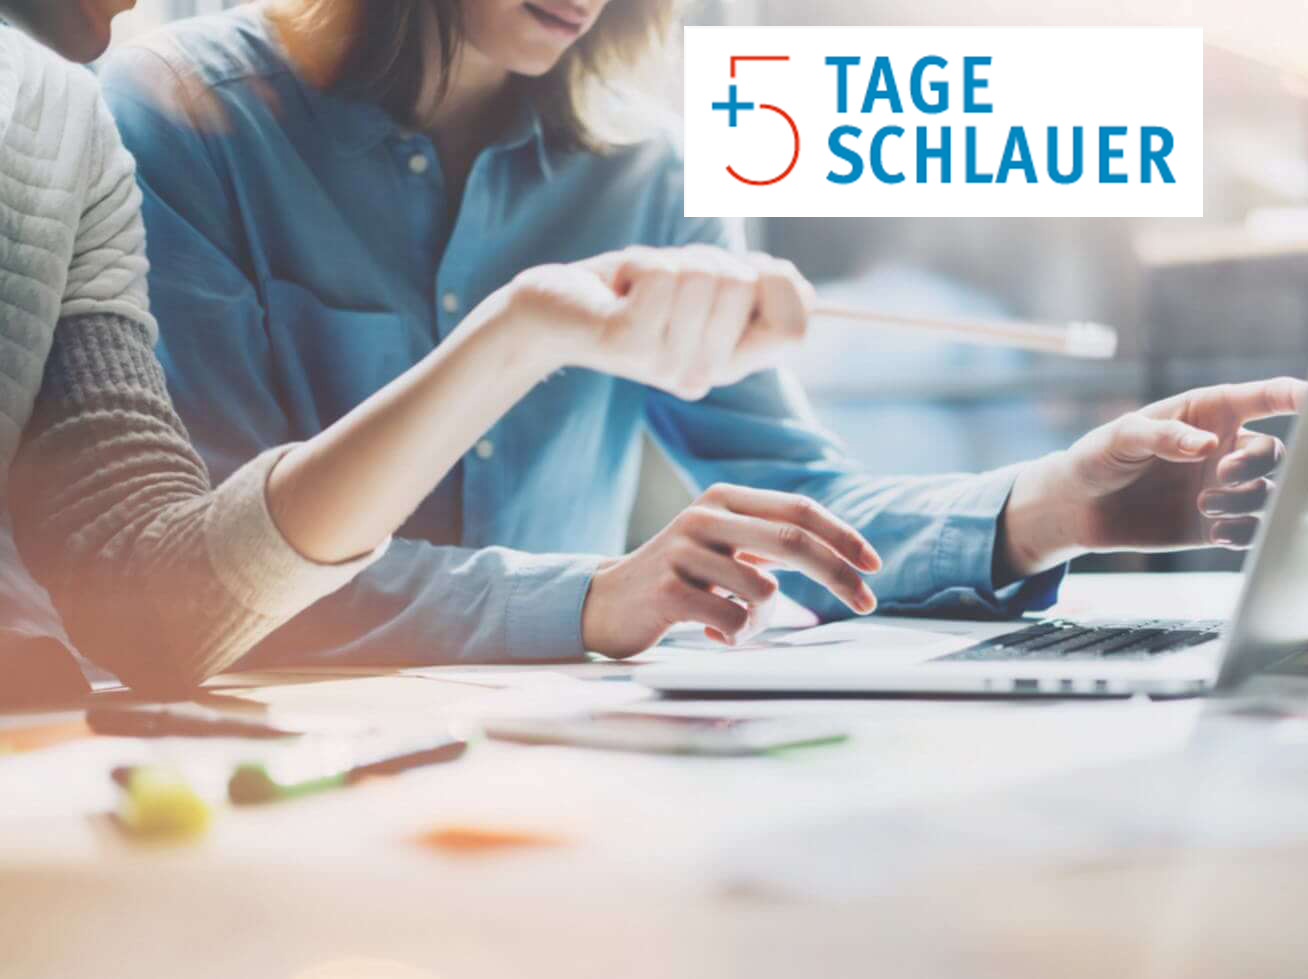 Arbeitsszene an einem Schreibtisch mit Logo bildungsfreistellung.de